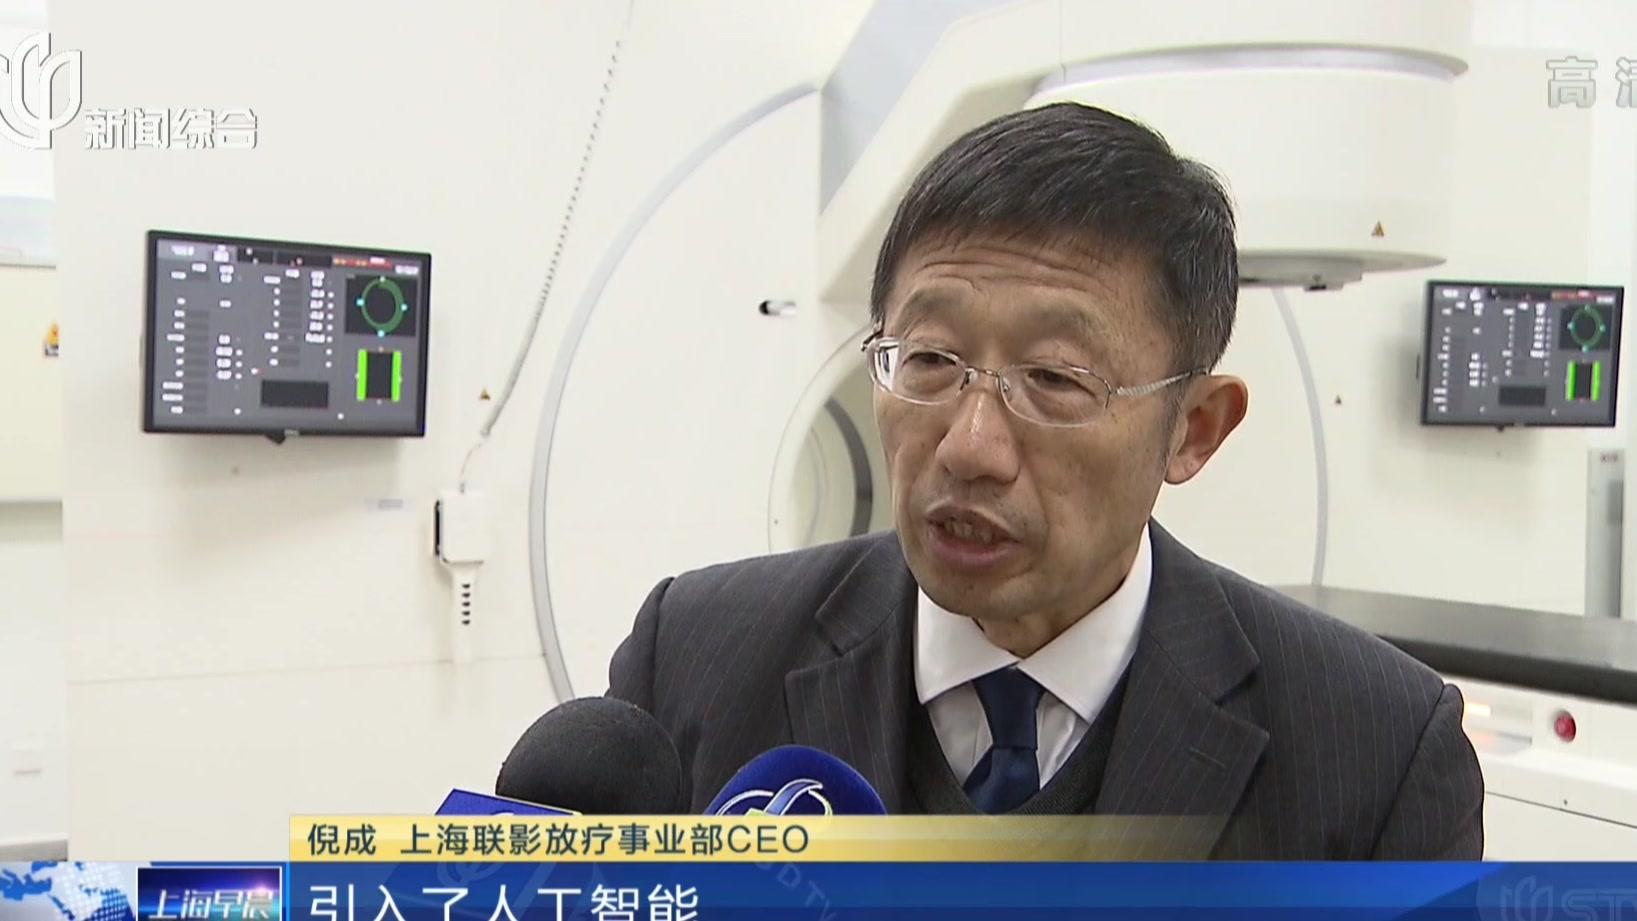 上海联影填补精准放疗领域空白